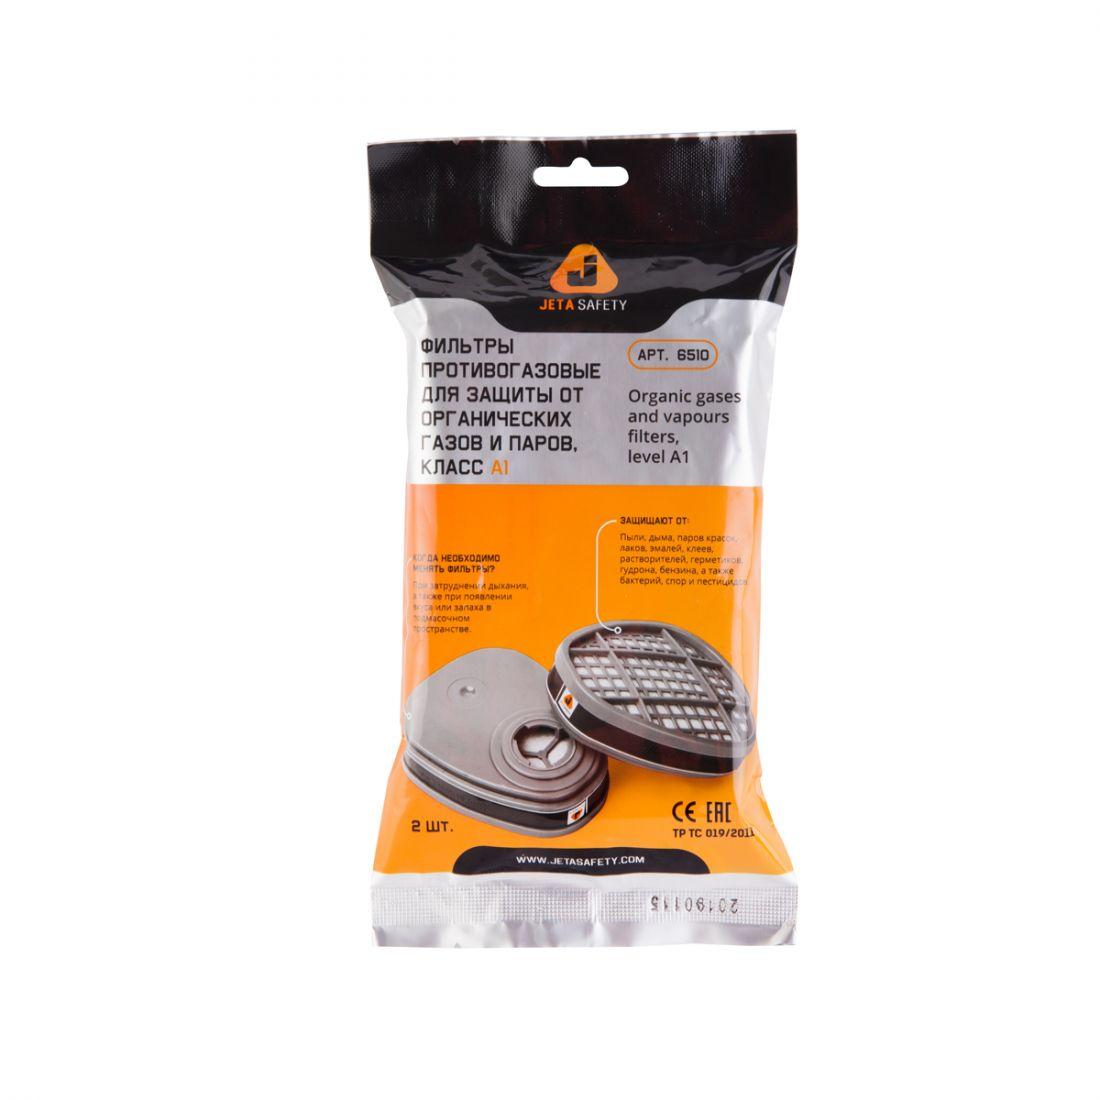 Jeta 6510 Фильтр противогазовый для защиты от органических газов и паров класса А1, (комплект 2шт.)